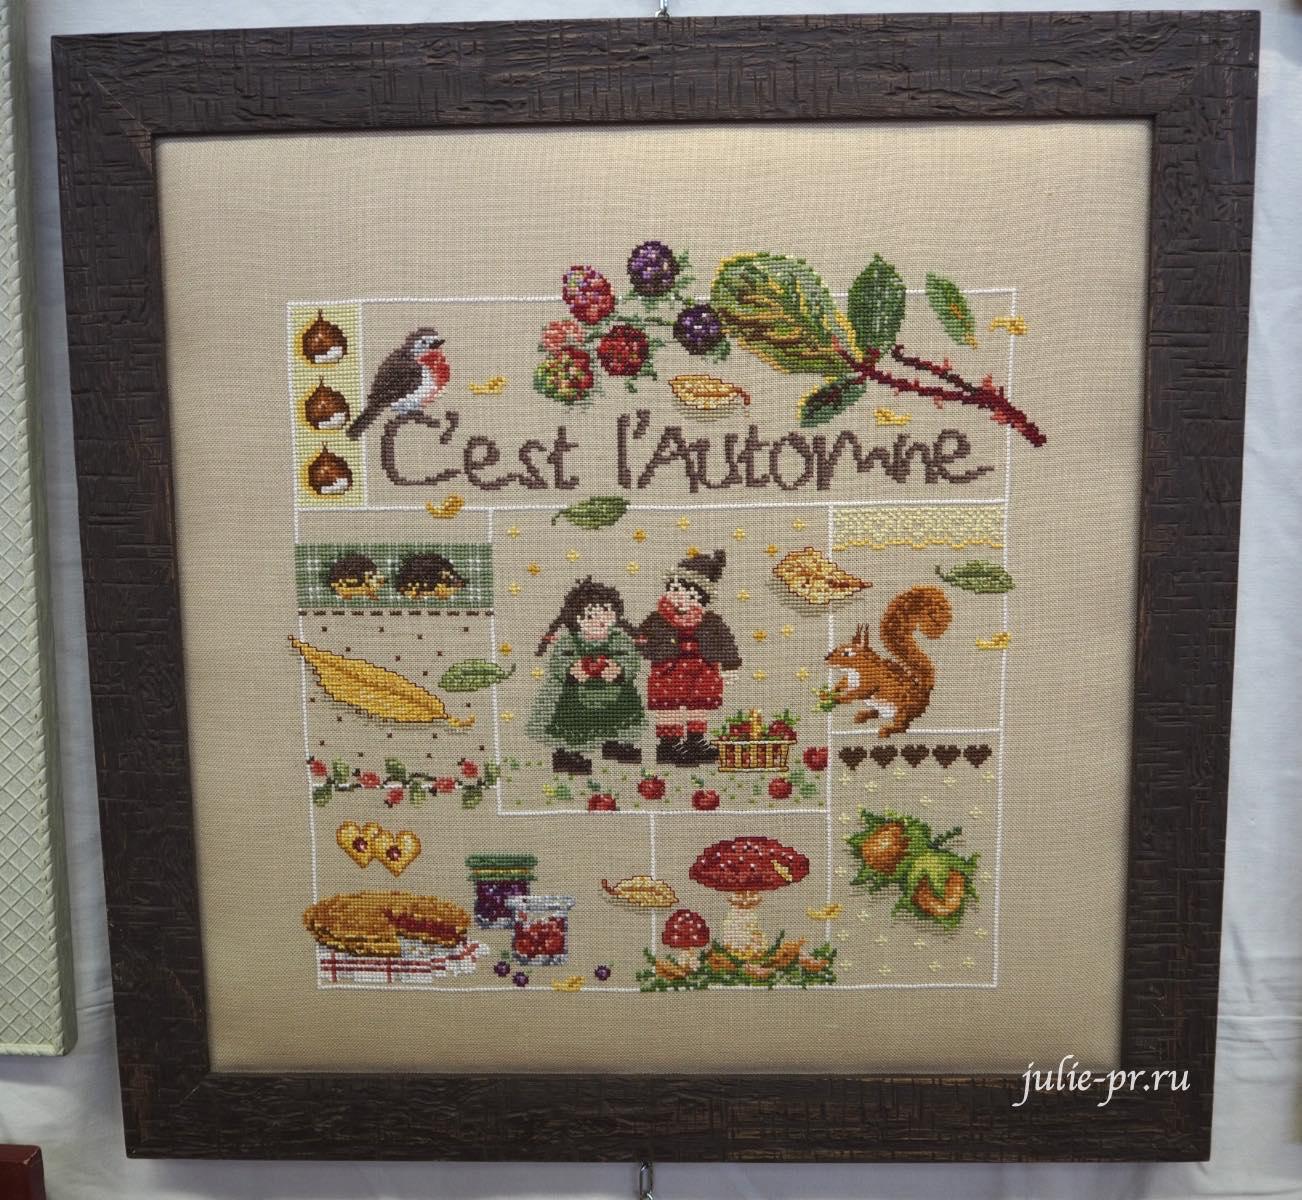 Madame la Fee - C'est l'automnem вышивка крестом, Création autour du fil